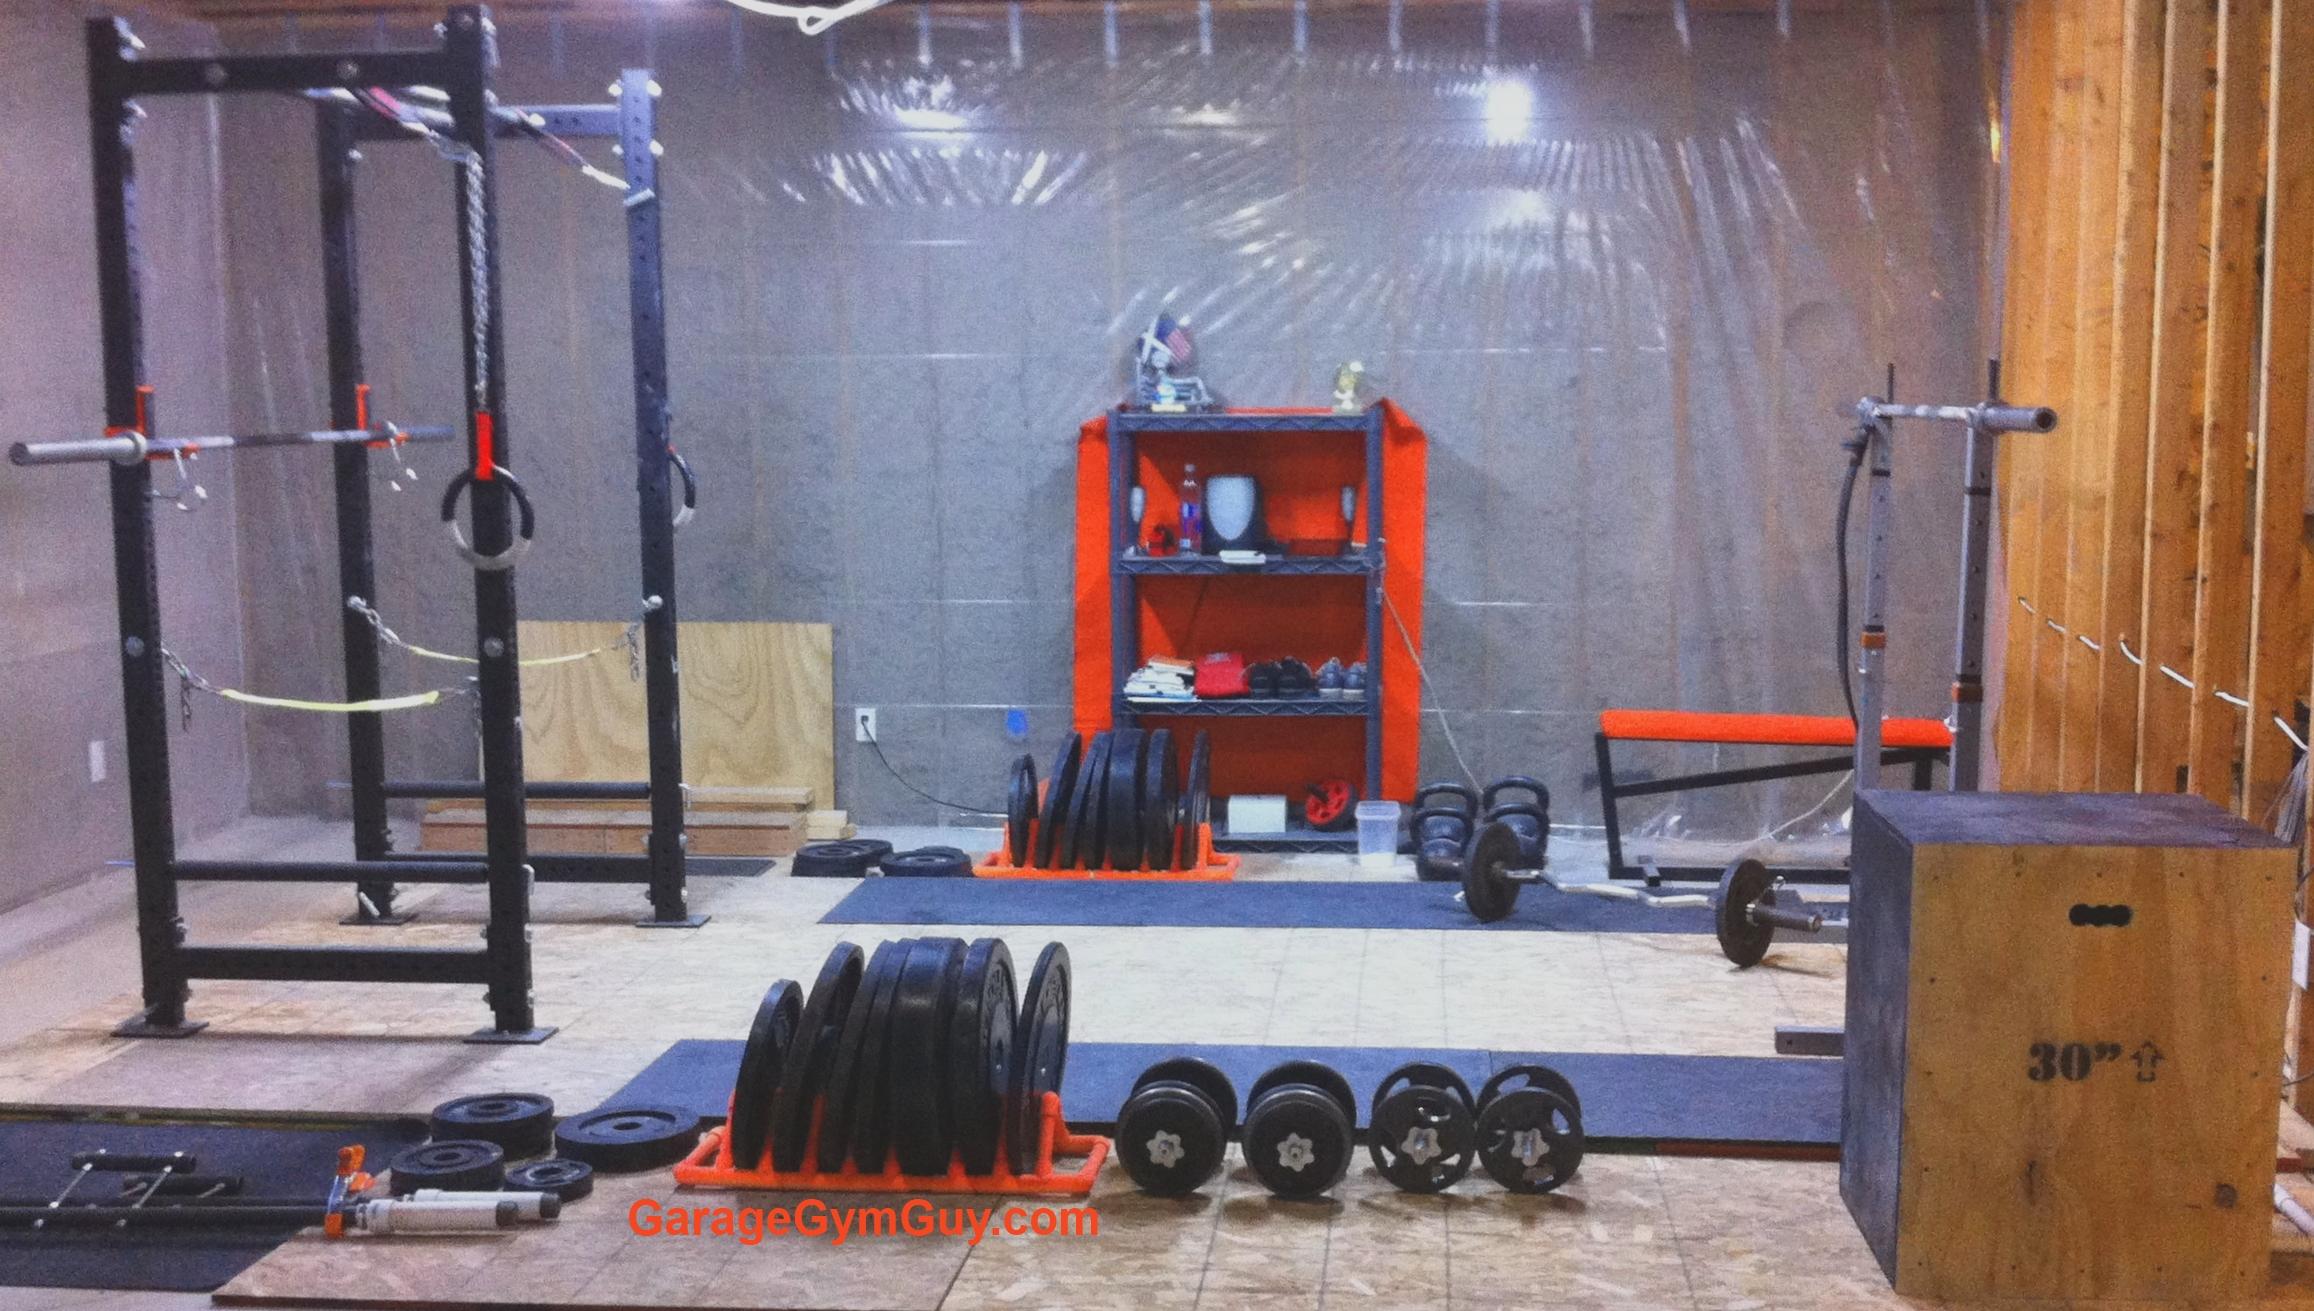 Crossfit garage gym guy